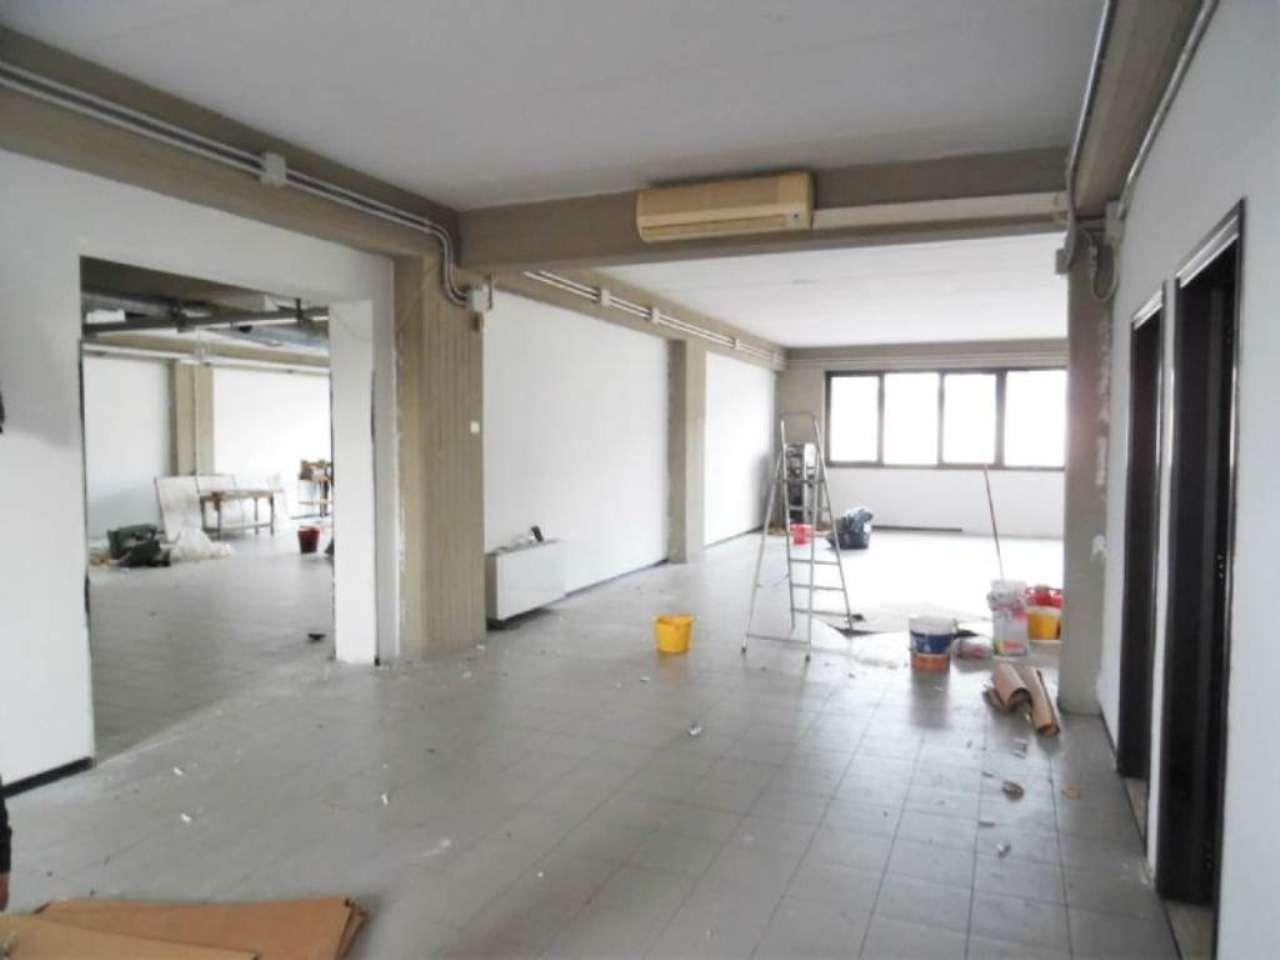 Laboratorio in vendita a Scandicci, 2 locali, prezzo € 390.000 | Cambio Casa.it